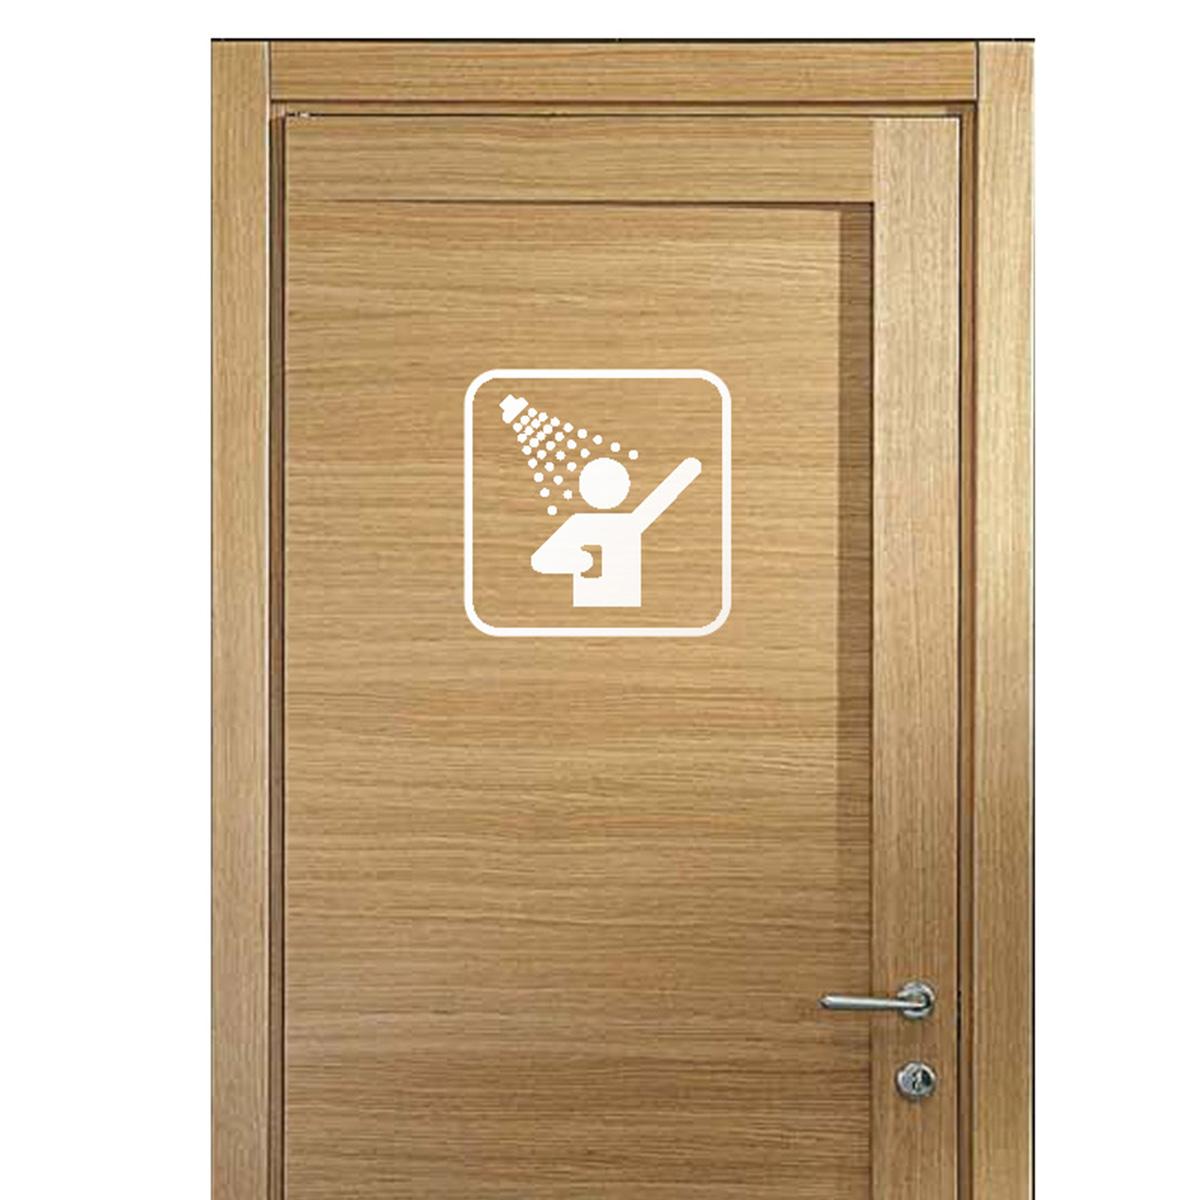 sticker porte panneau douche stickers salle de bain et. Black Bedroom Furniture Sets. Home Design Ideas